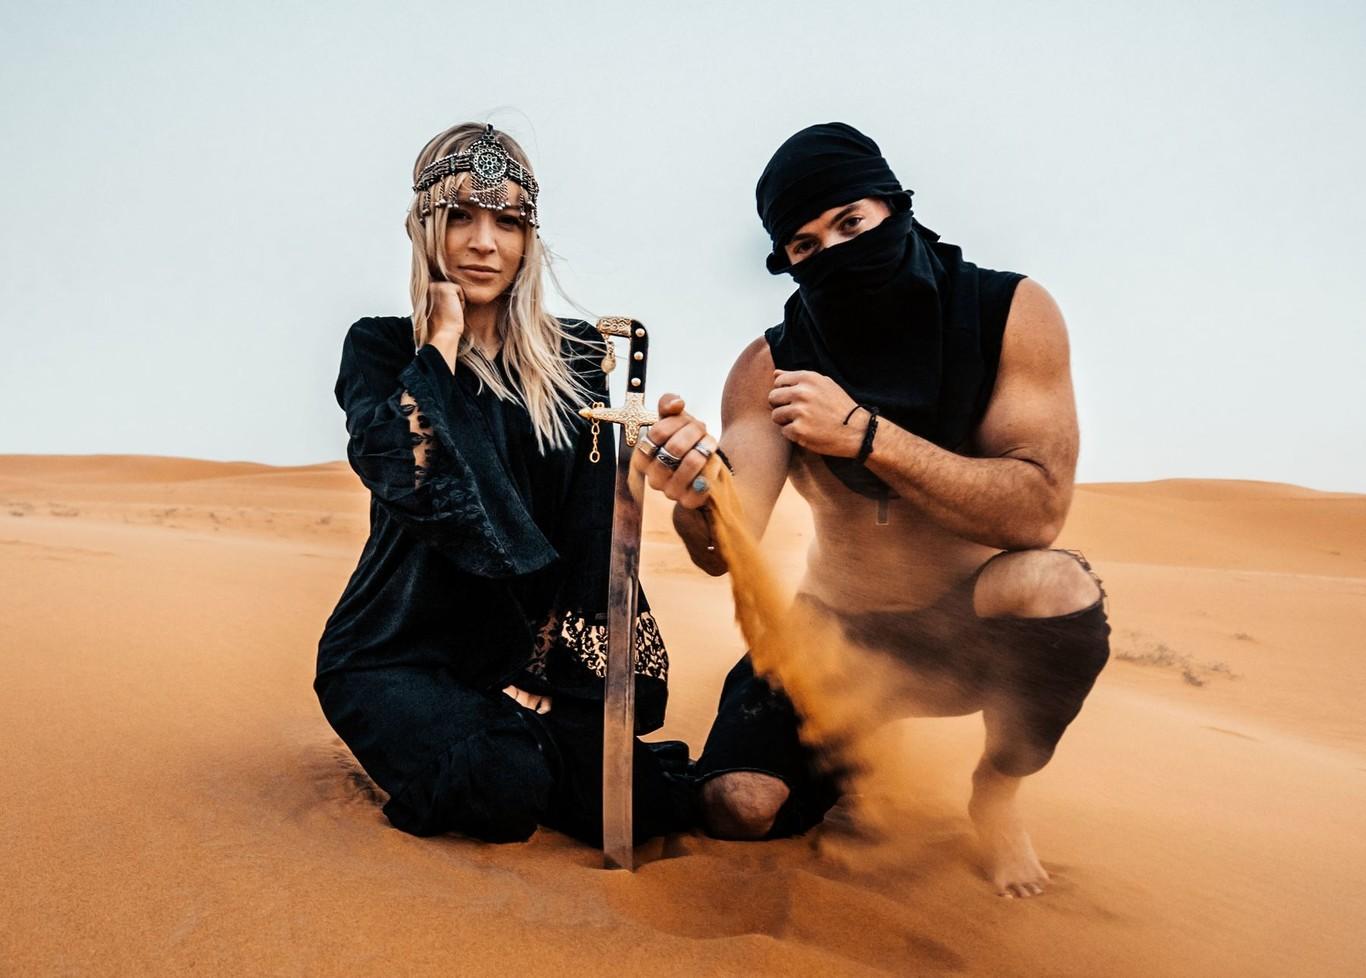 Arabia Saudí necesita potenciar el turismo. Estos son los influencers que están ayudando a ello